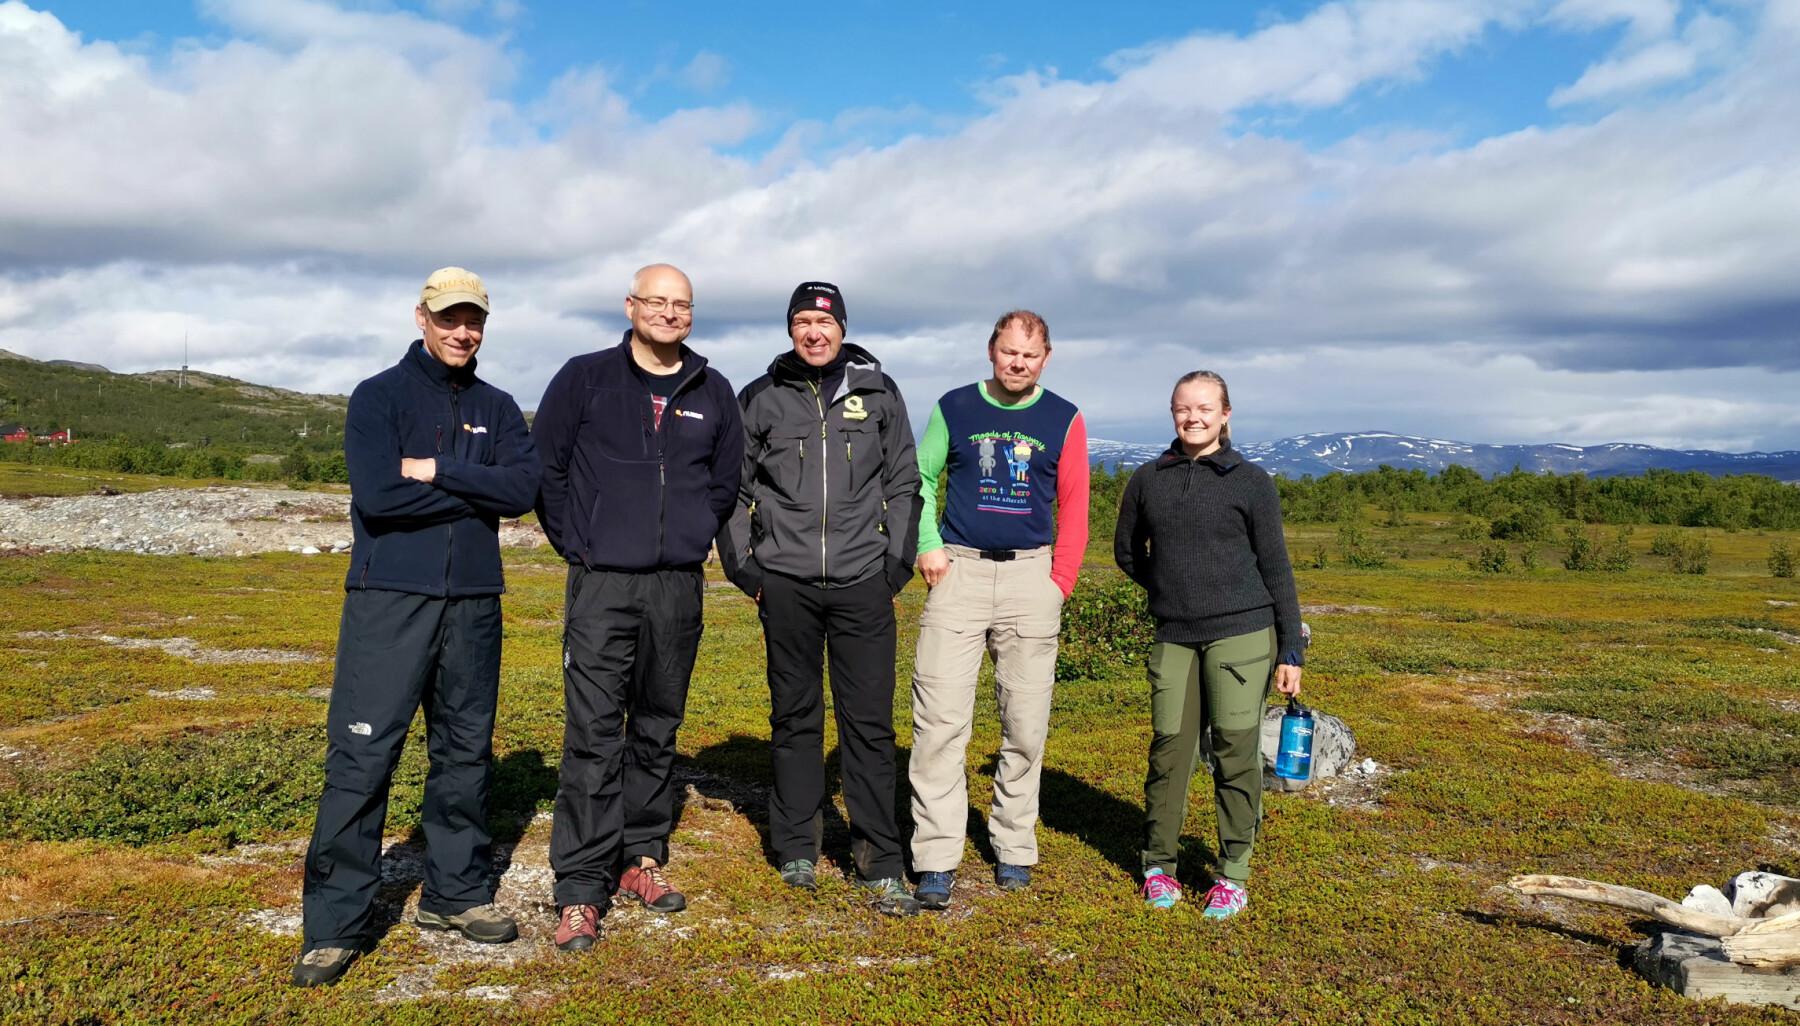 Nussir-ledelsen på Markoppnes, fra venstre: Administrerende direktør Øystein Rushfeldt, CFO Alexander Krogh, prosjektleder Odd Henning Groven, gruveleder Ørjan Fjelde og trainee Astrid Lunde Wall.